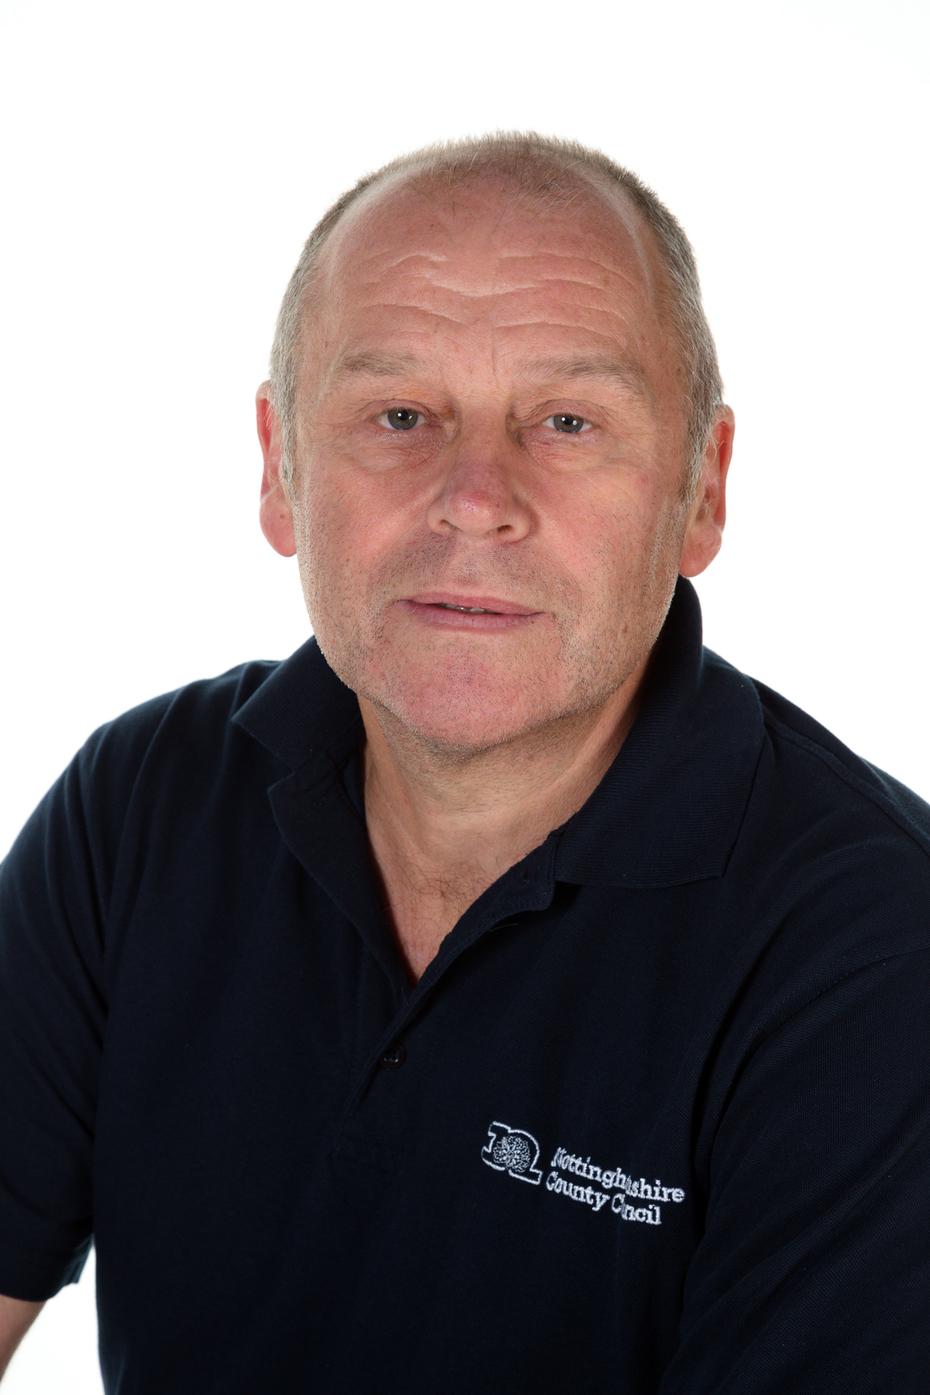 Mr Moore